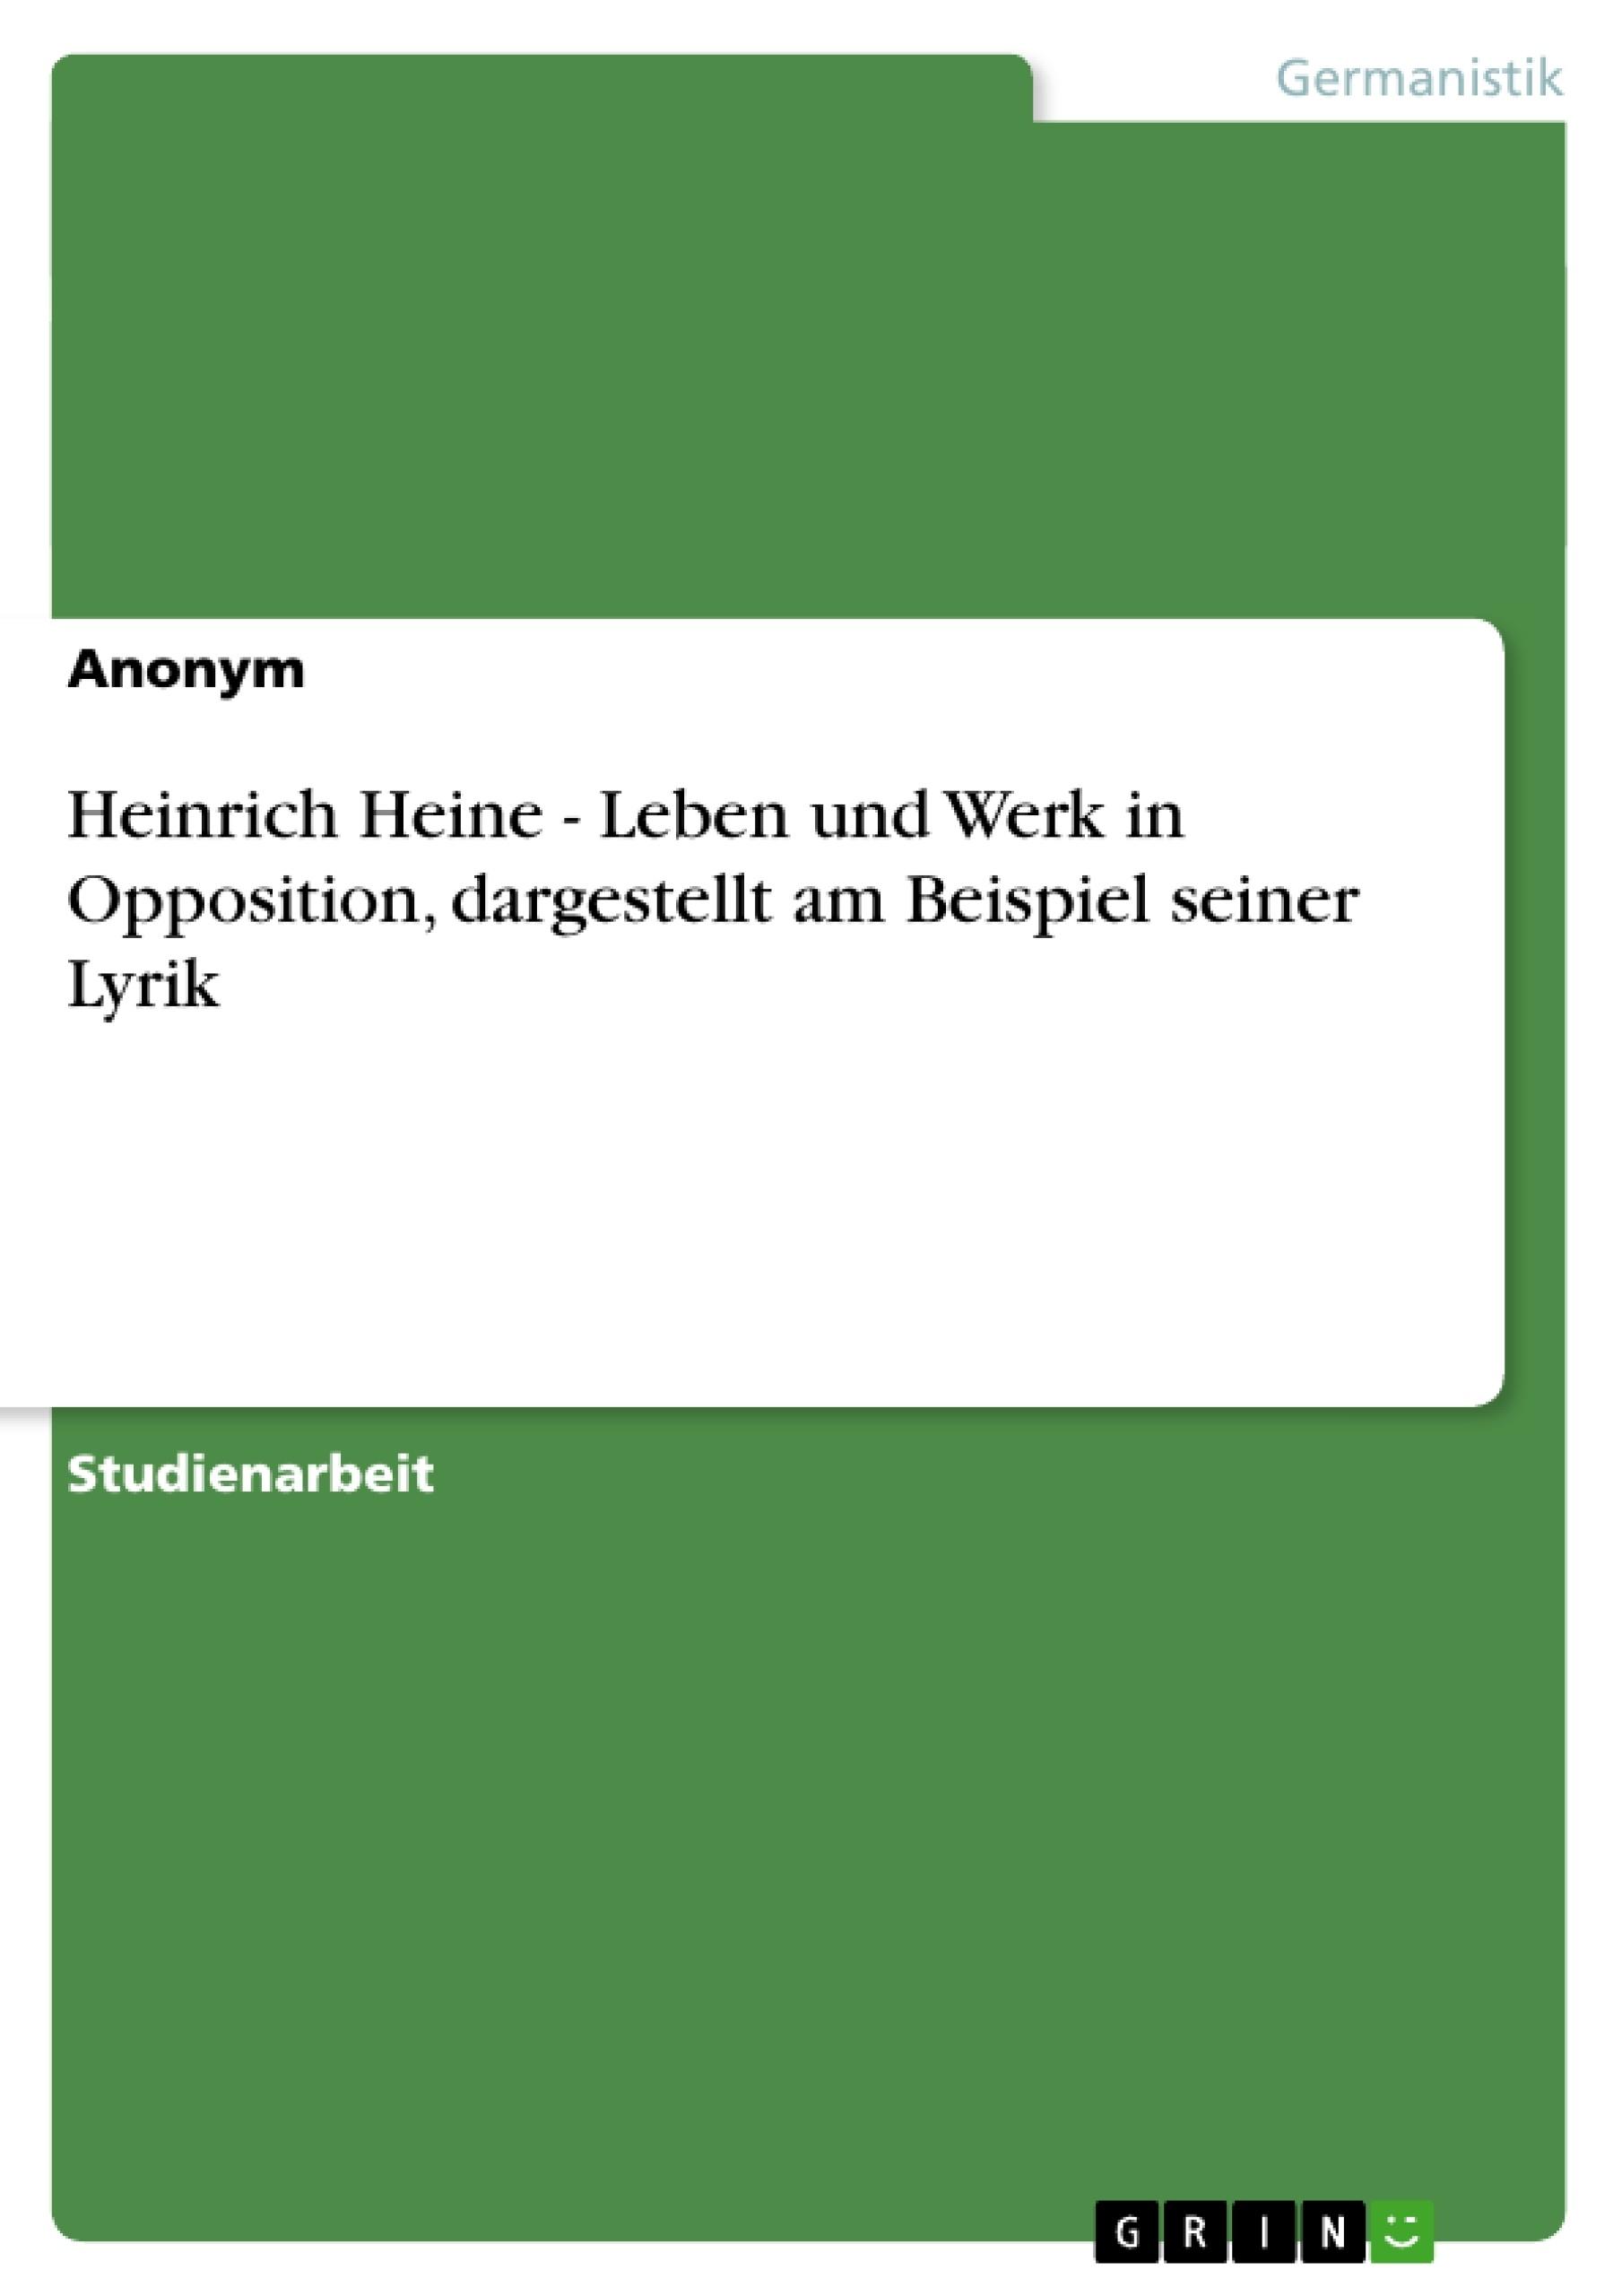 Titel: Heinrich Heine - Leben und Werk in Opposition, dargestellt am Beispiel seiner Lyrik